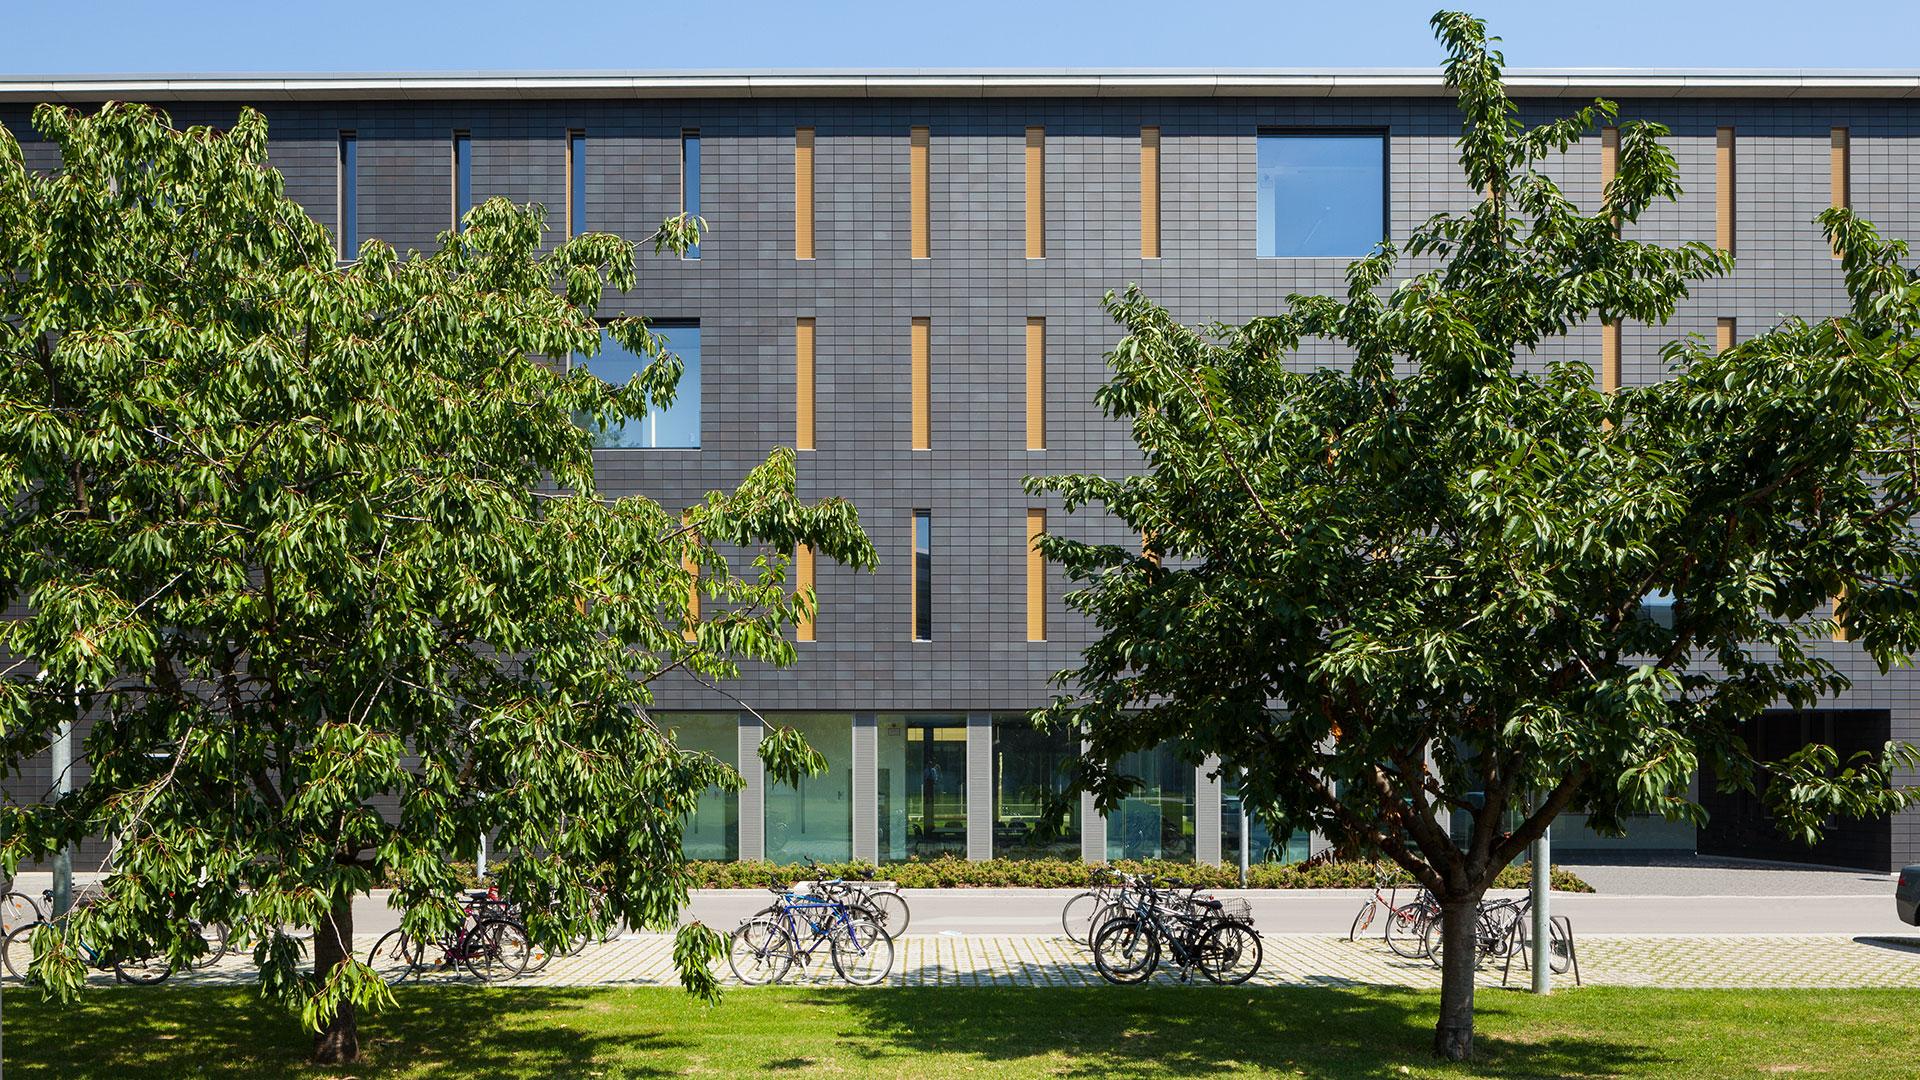 Physikalisches Institut Heidelberg 2 - ArGe Architekten